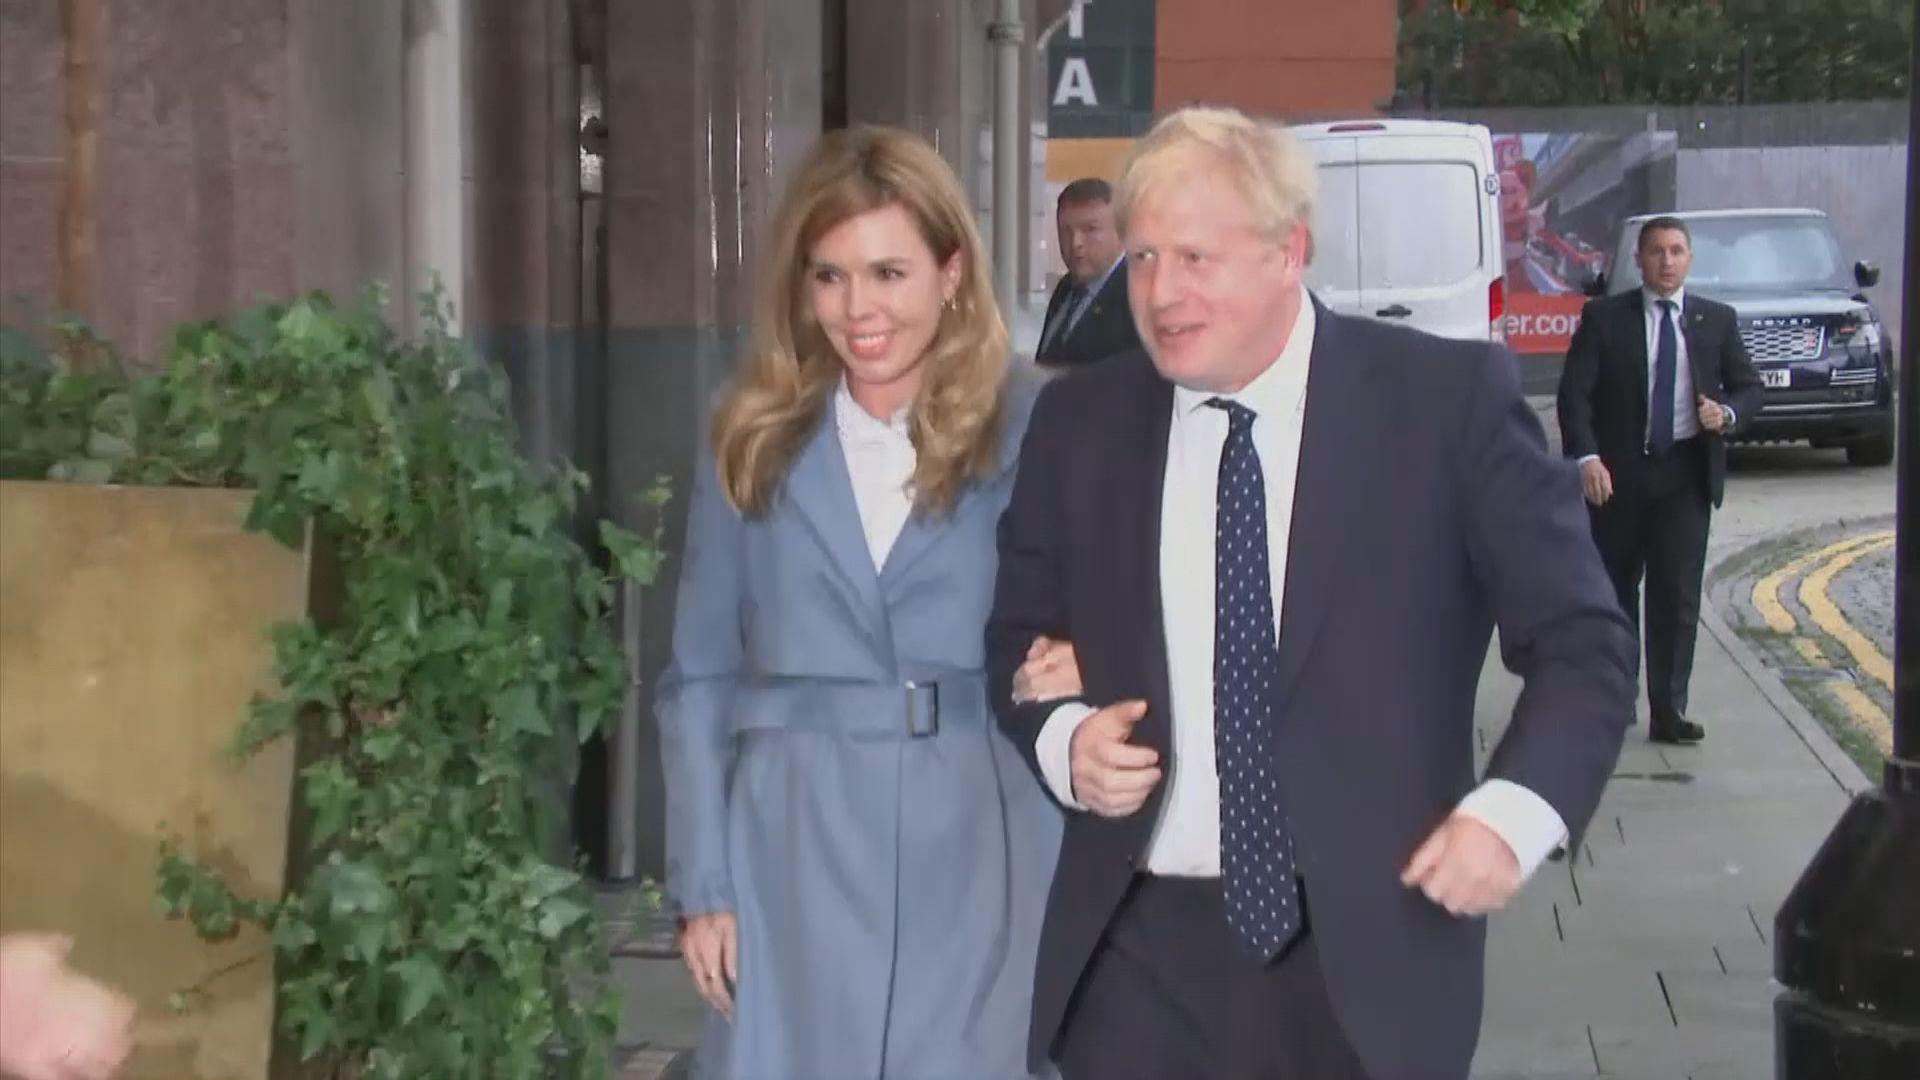 英國首相府證實約翰遜結婚 報道指其幕僚事前毫不知情